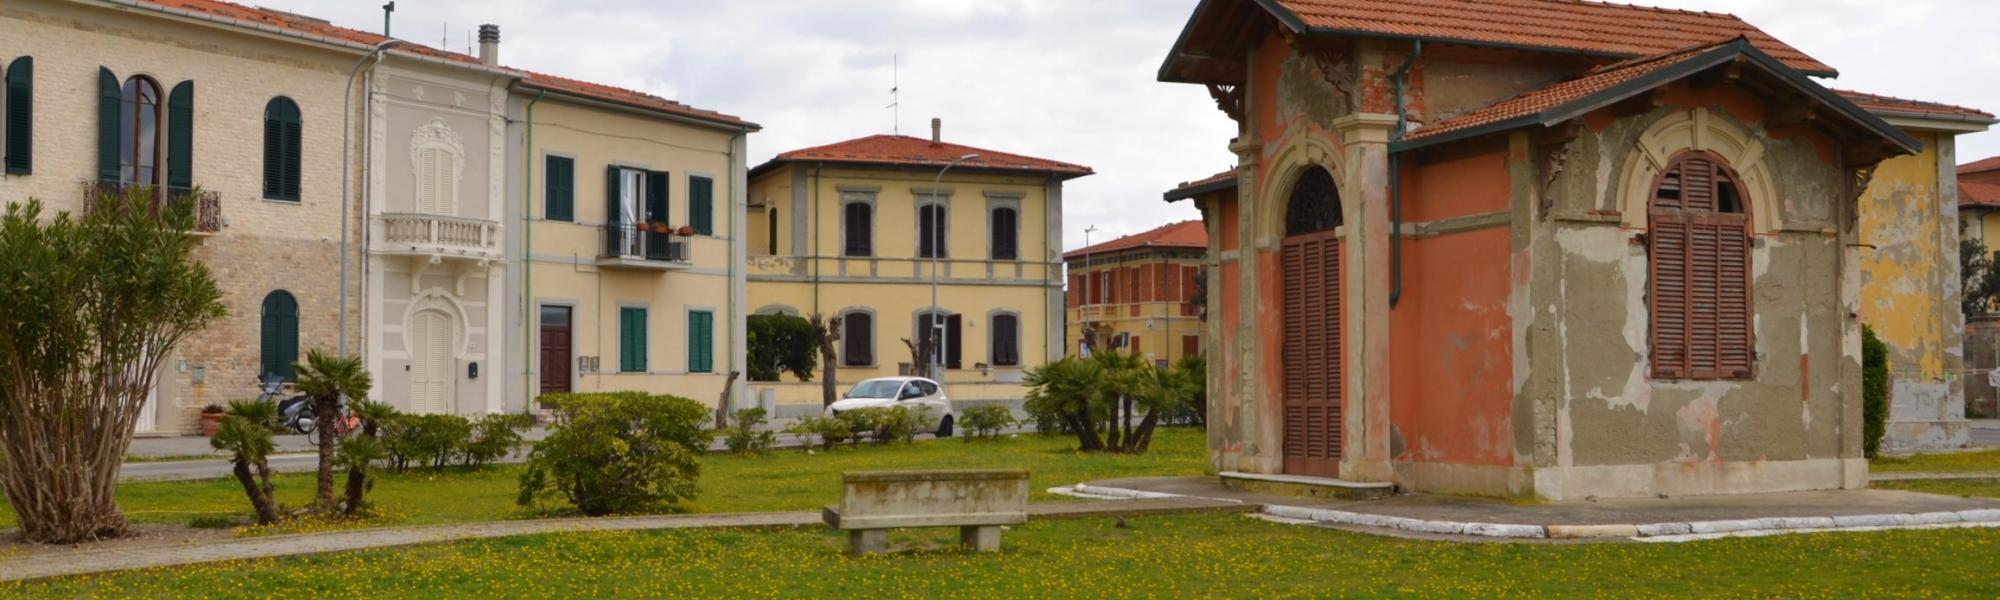 Scorcio via Minorca (L. Corevi, Comune di Pisa)